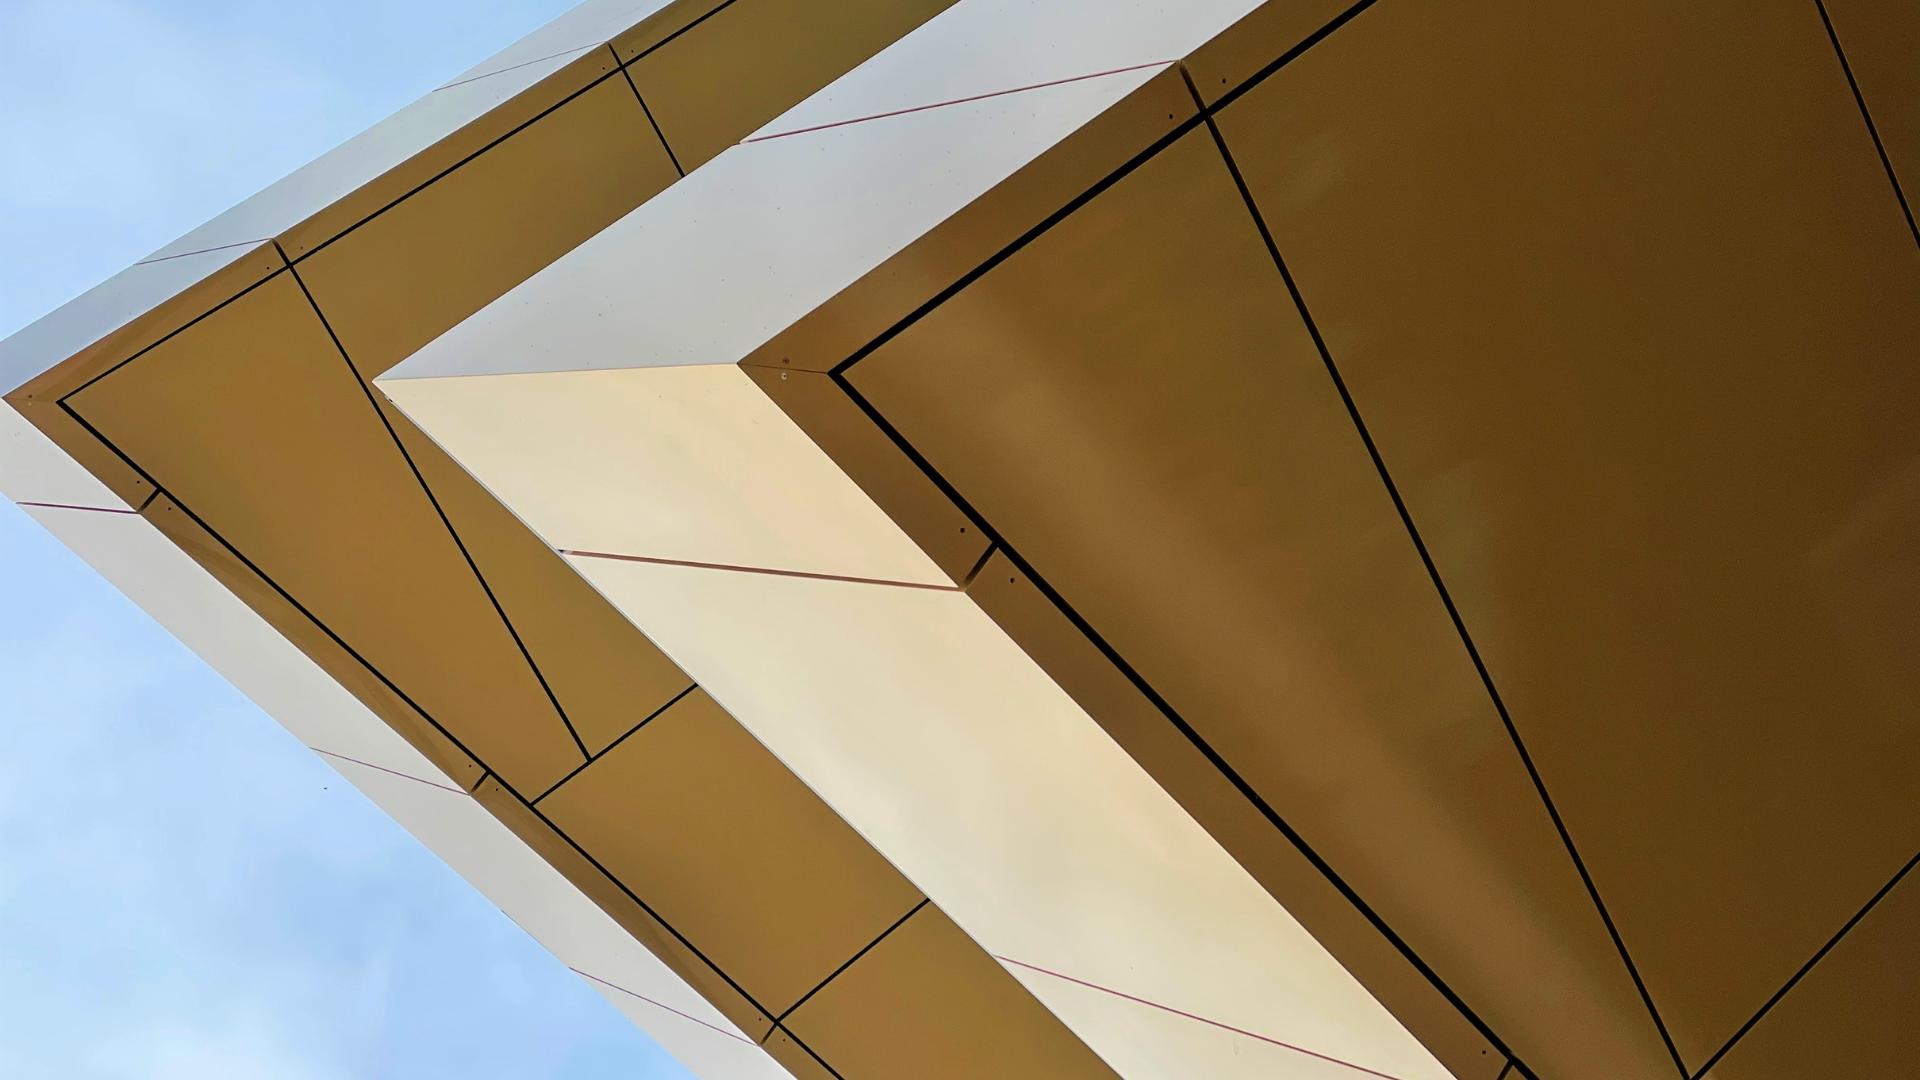 larcore-aluminium-honeycomb-honingraat-panelen-goud-allpro